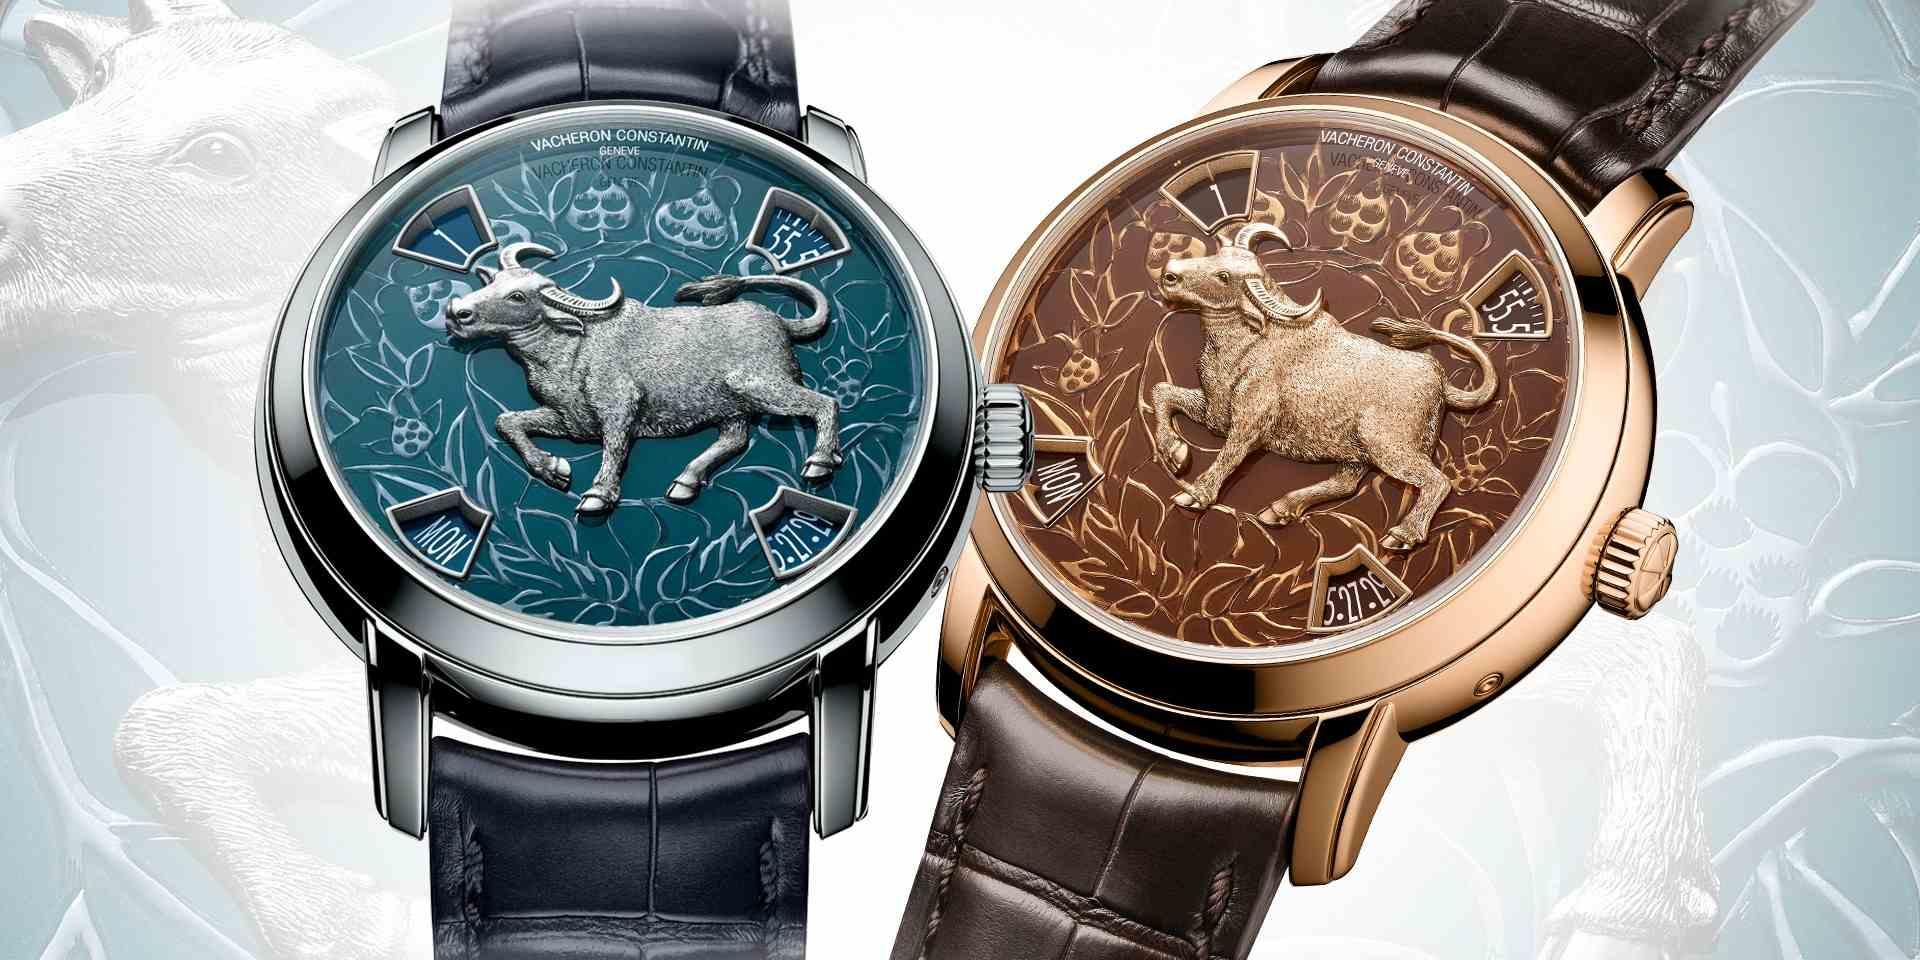 江詩丹頓Métiers d'Art藝術大師系列The Legend of the Chinese Zodiac牛年腕錶